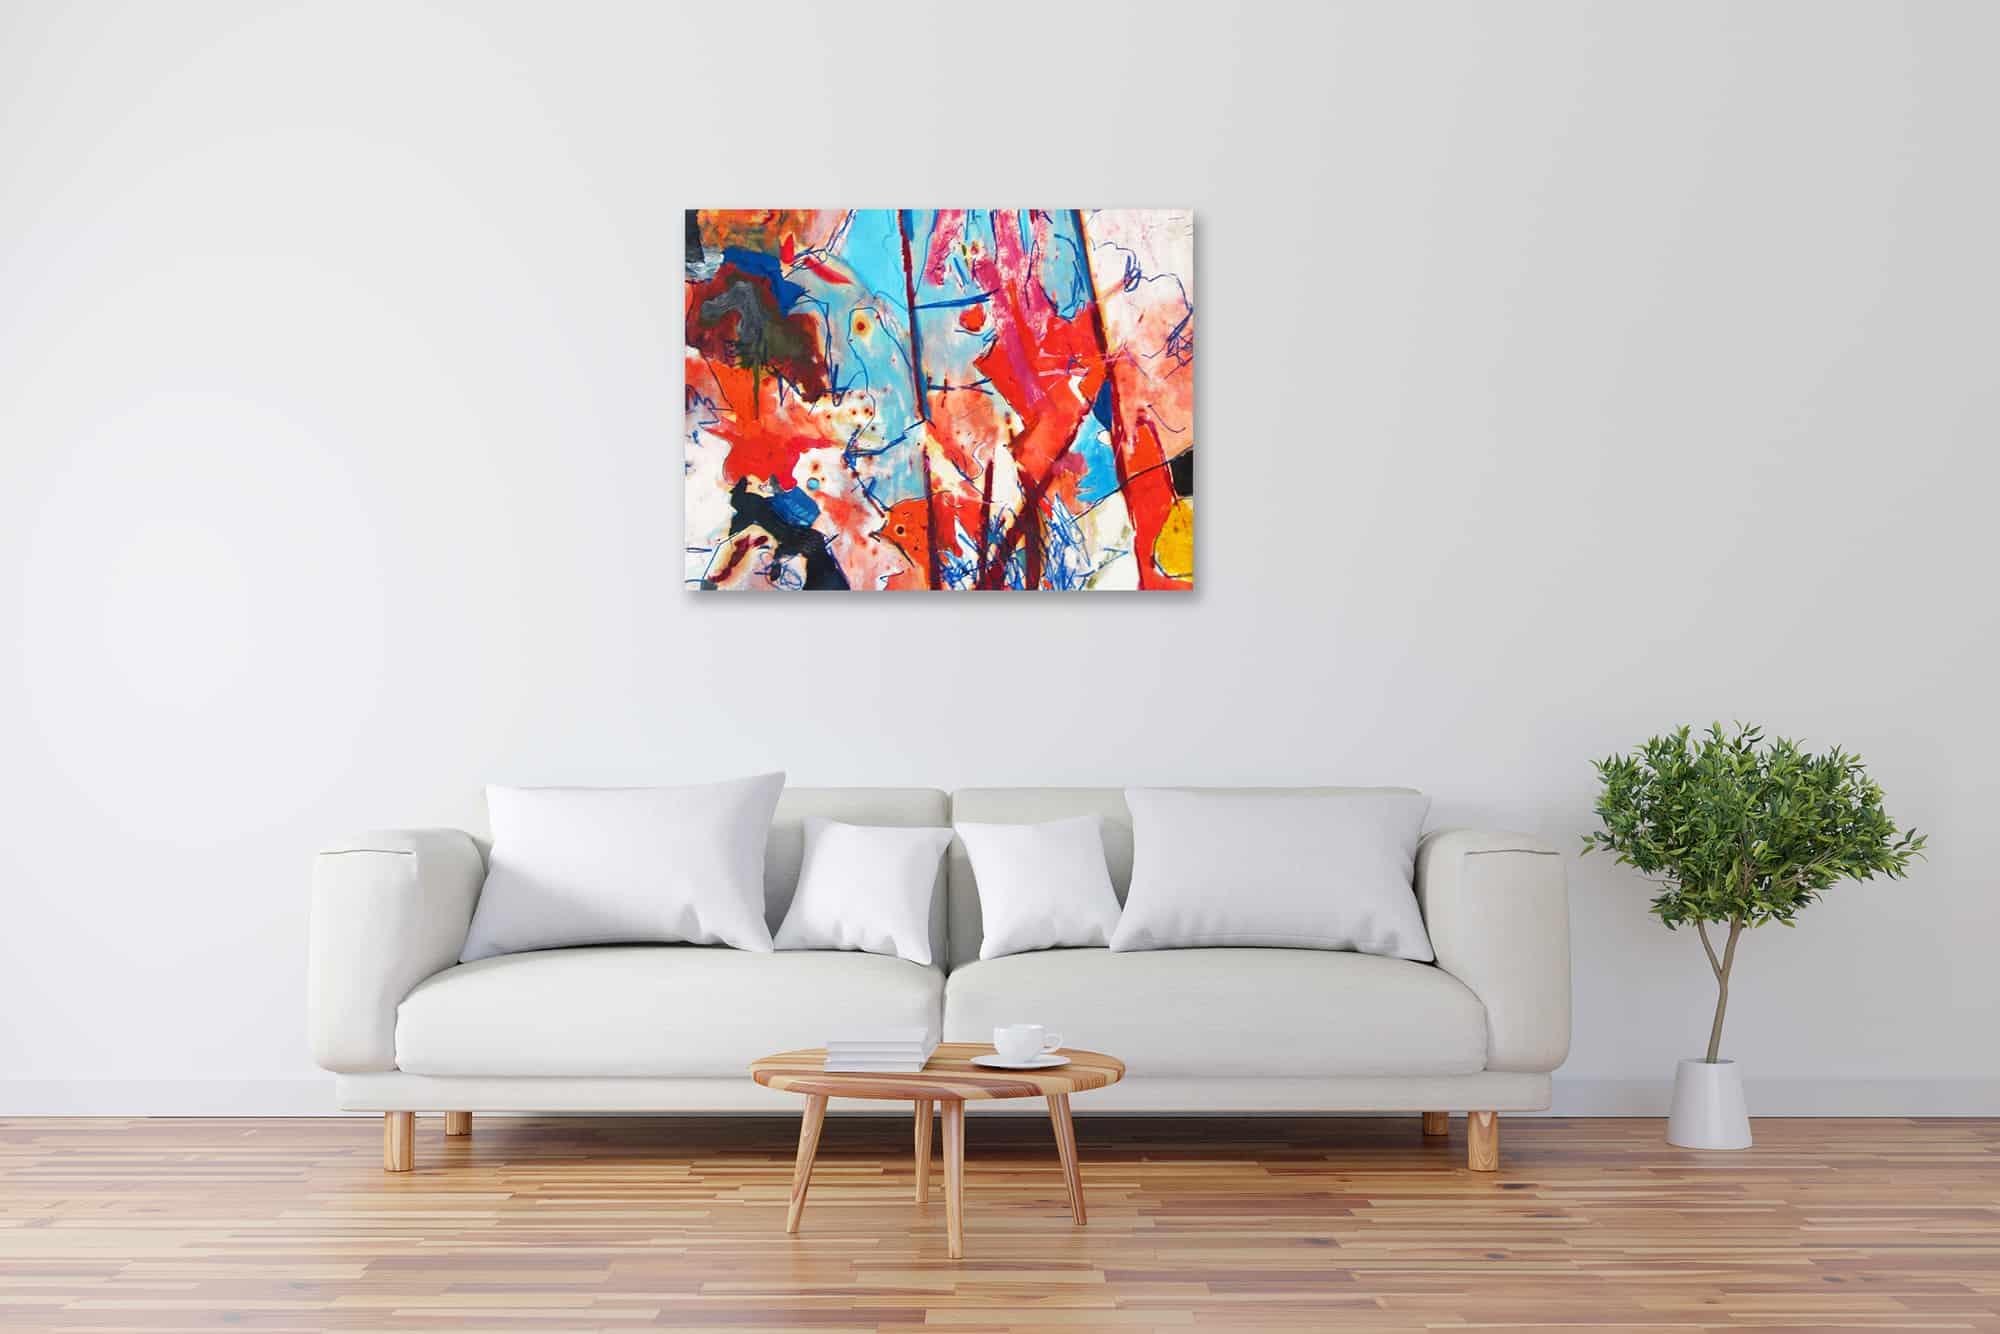 Modernes Kunstbild Acryl auf Leinwand Blau Rot künstler